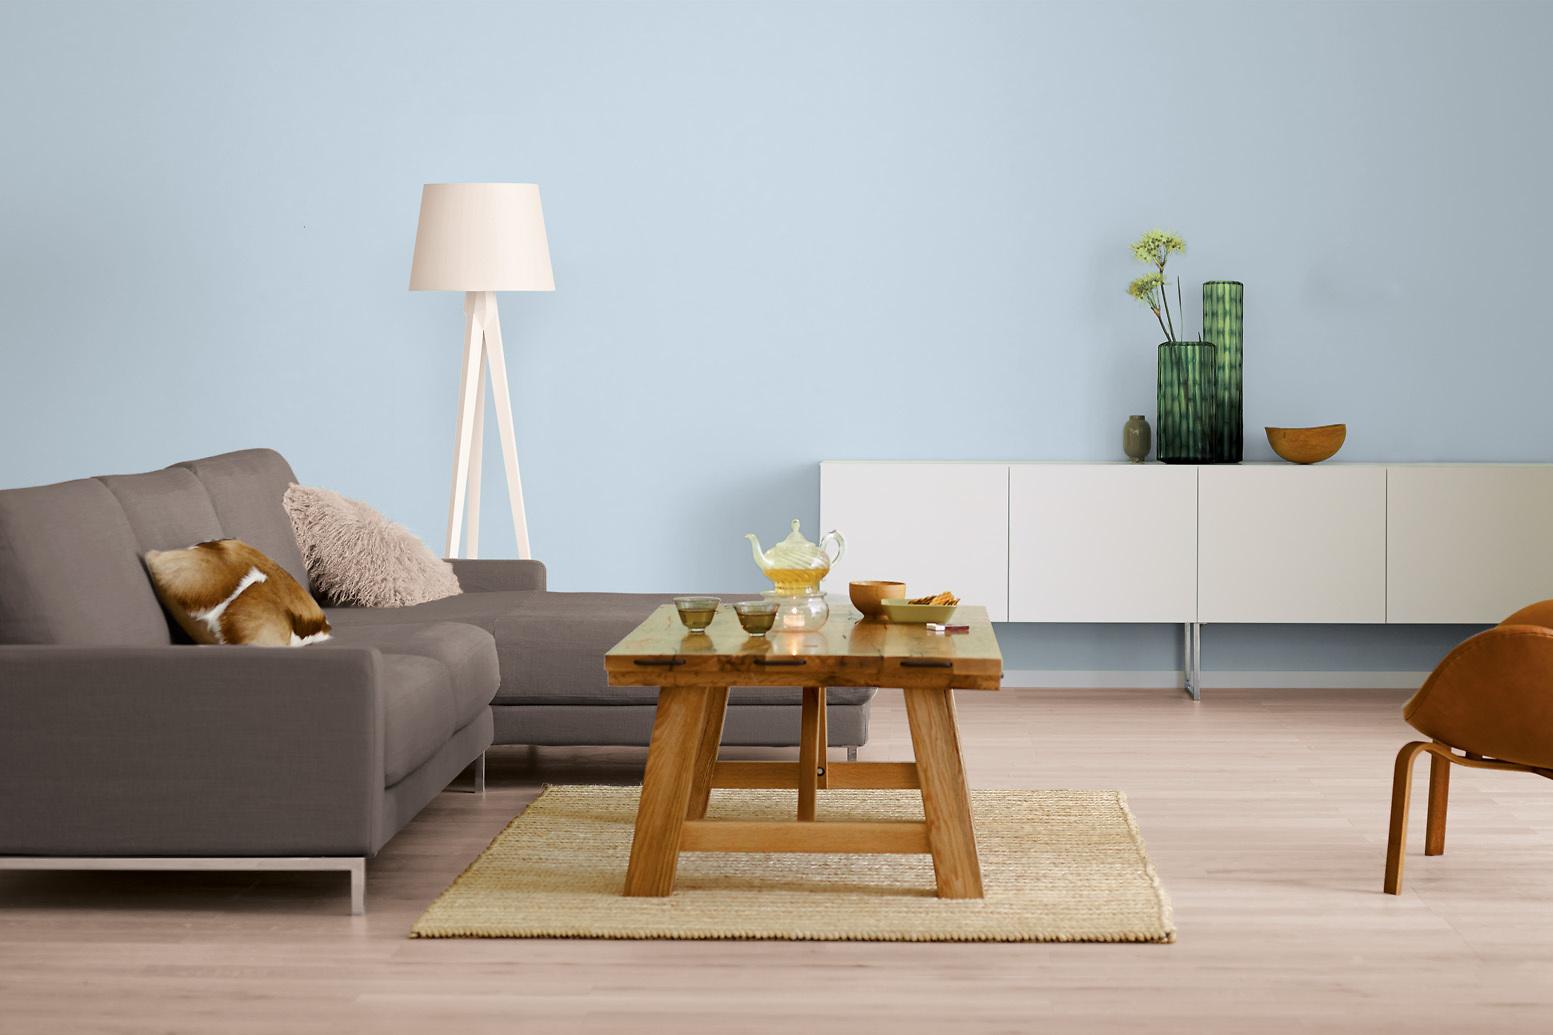 innenfarbe in blau wasserblau streichen alpina farbrezepte stilles wasser alpina farben. Black Bedroom Furniture Sets. Home Design Ideas